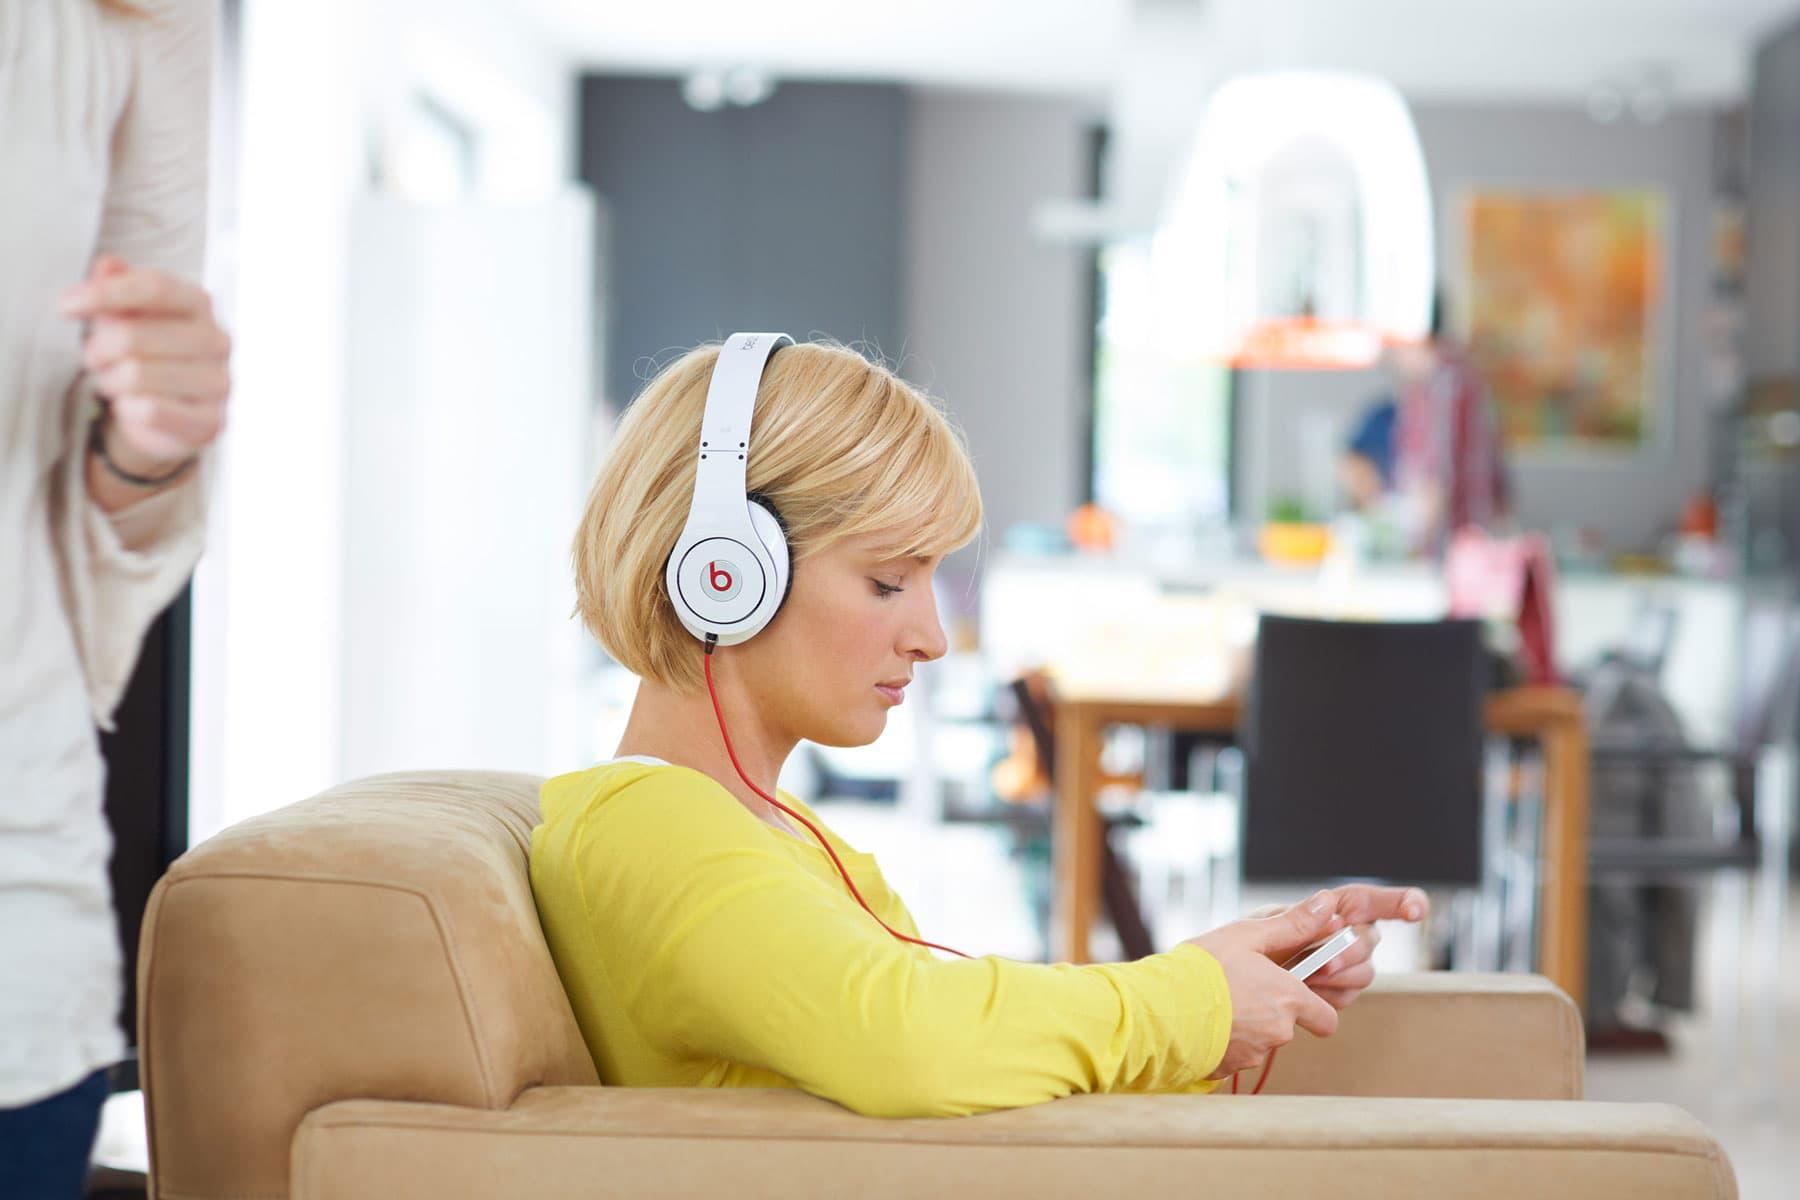 Portrait einer jungen Frau mit weißem Kopfhörer und ihrem Mobilpone in modernem Ambiente